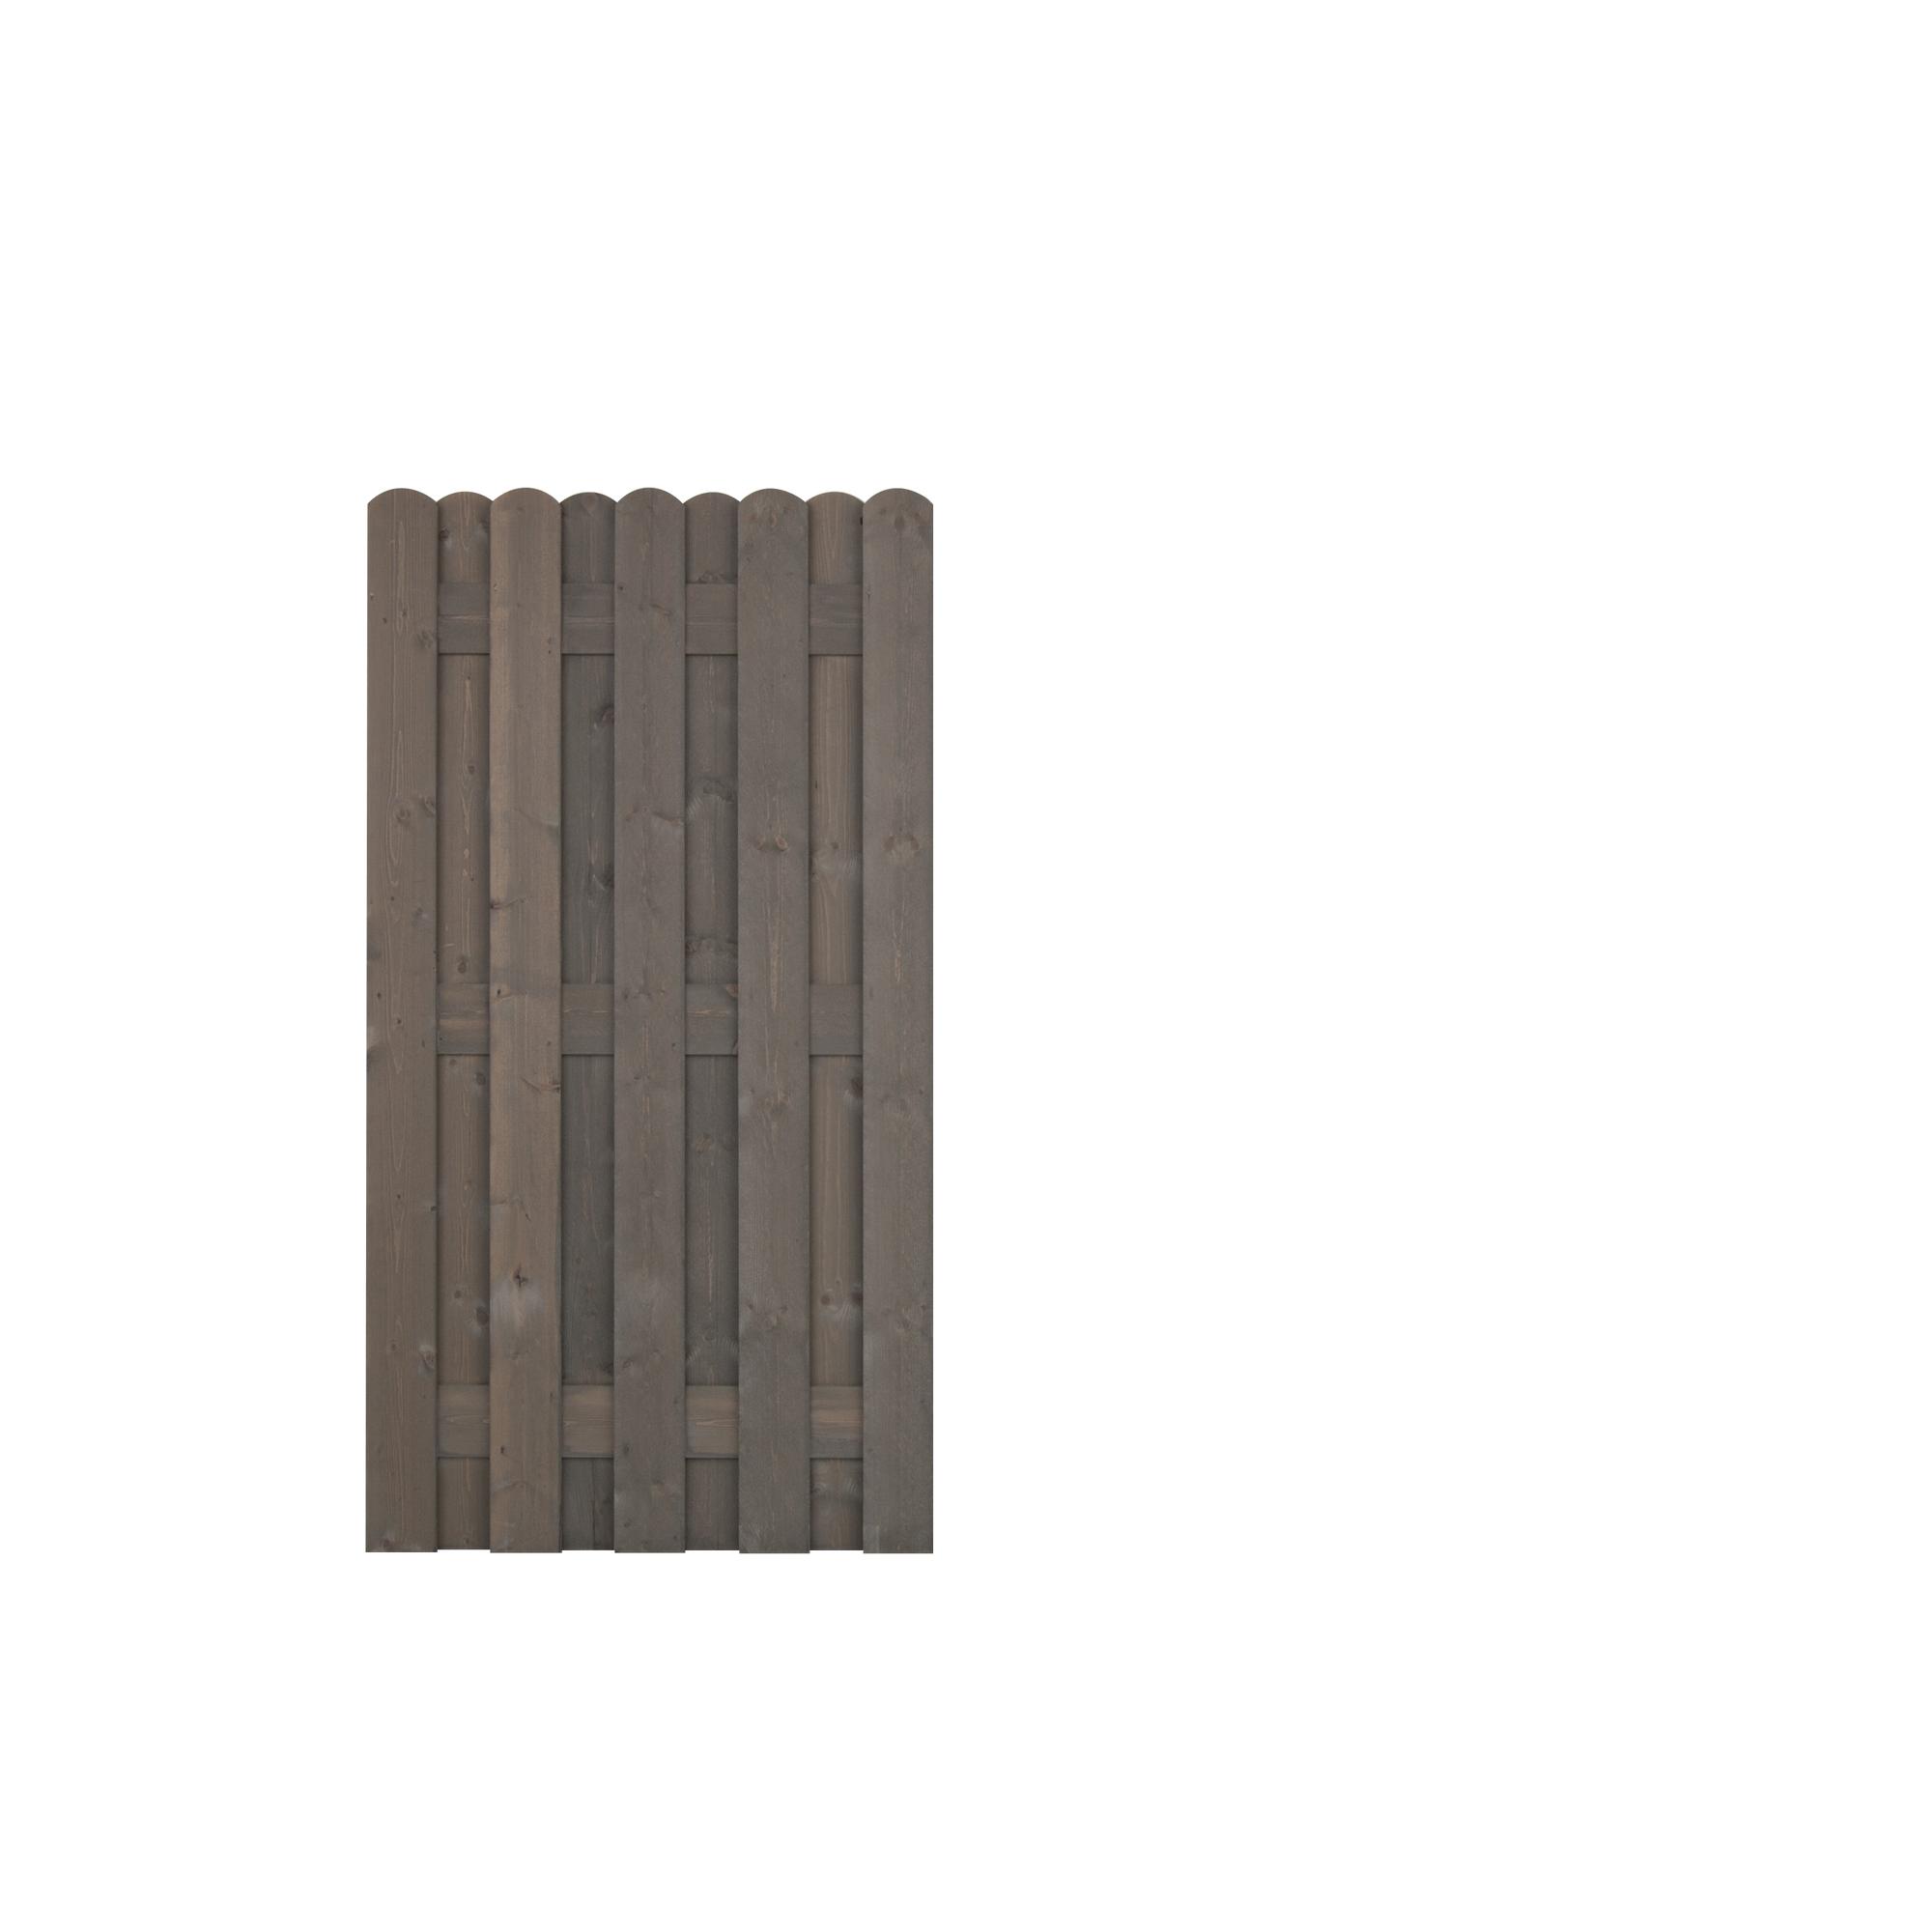 Andrewex Zaunelement Bohlenzaun Grau 180 X 90 Cm ǀ Toom Baumarkt